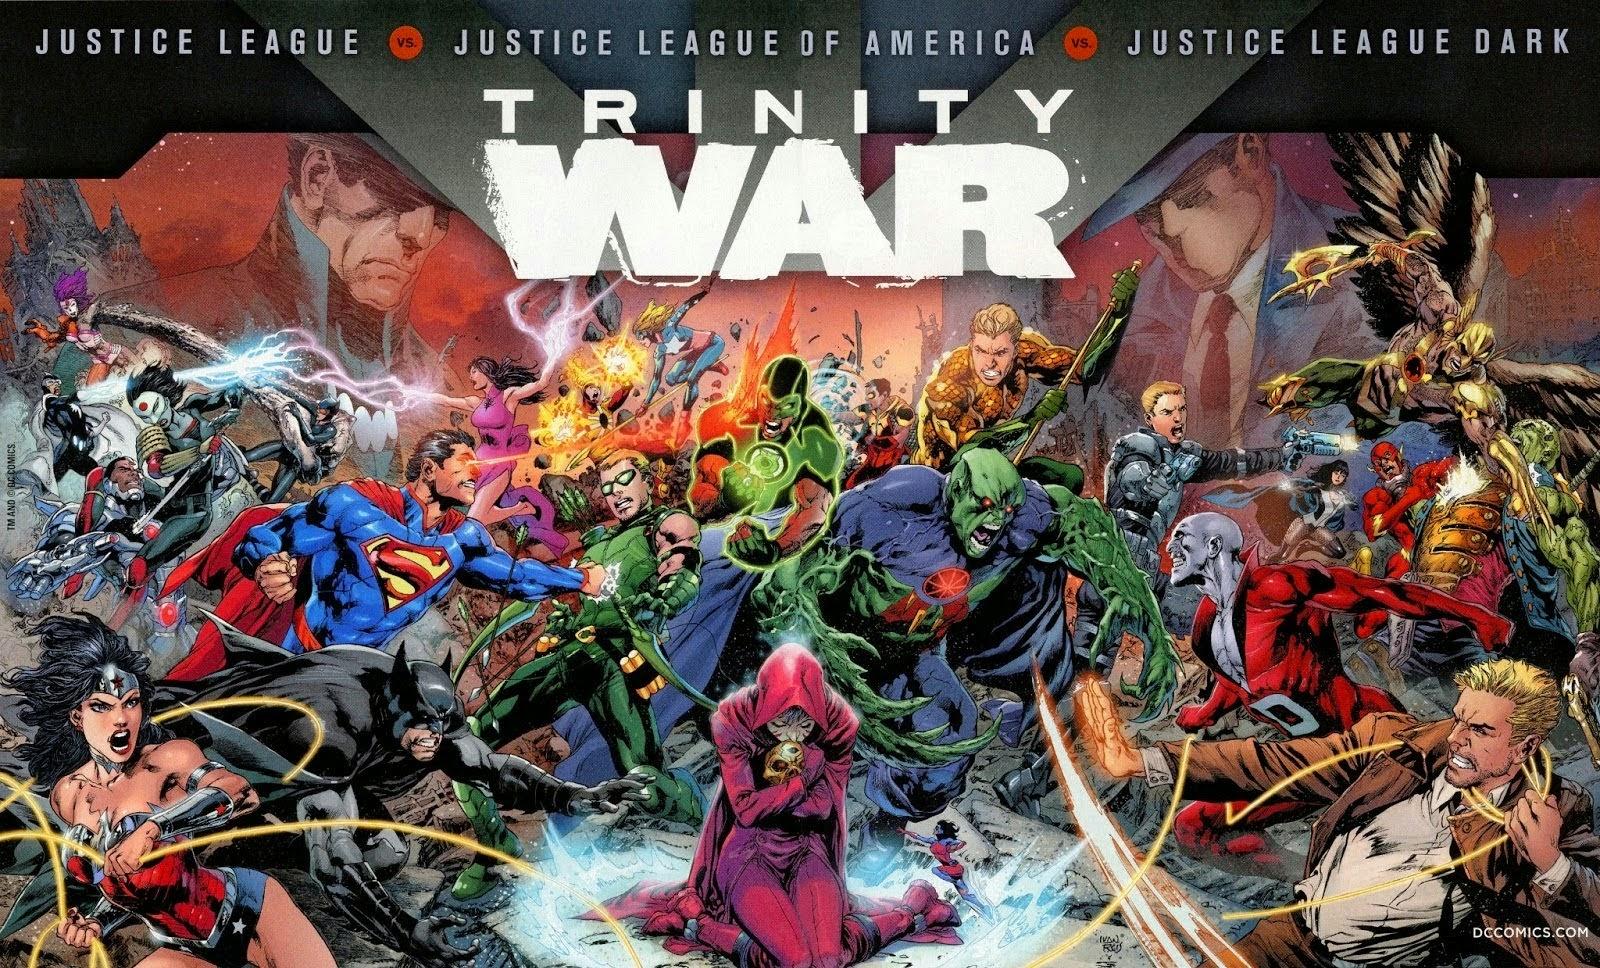 http://superheroesrevelados.blogspot.com.ar/2014/11/trinity-war.html